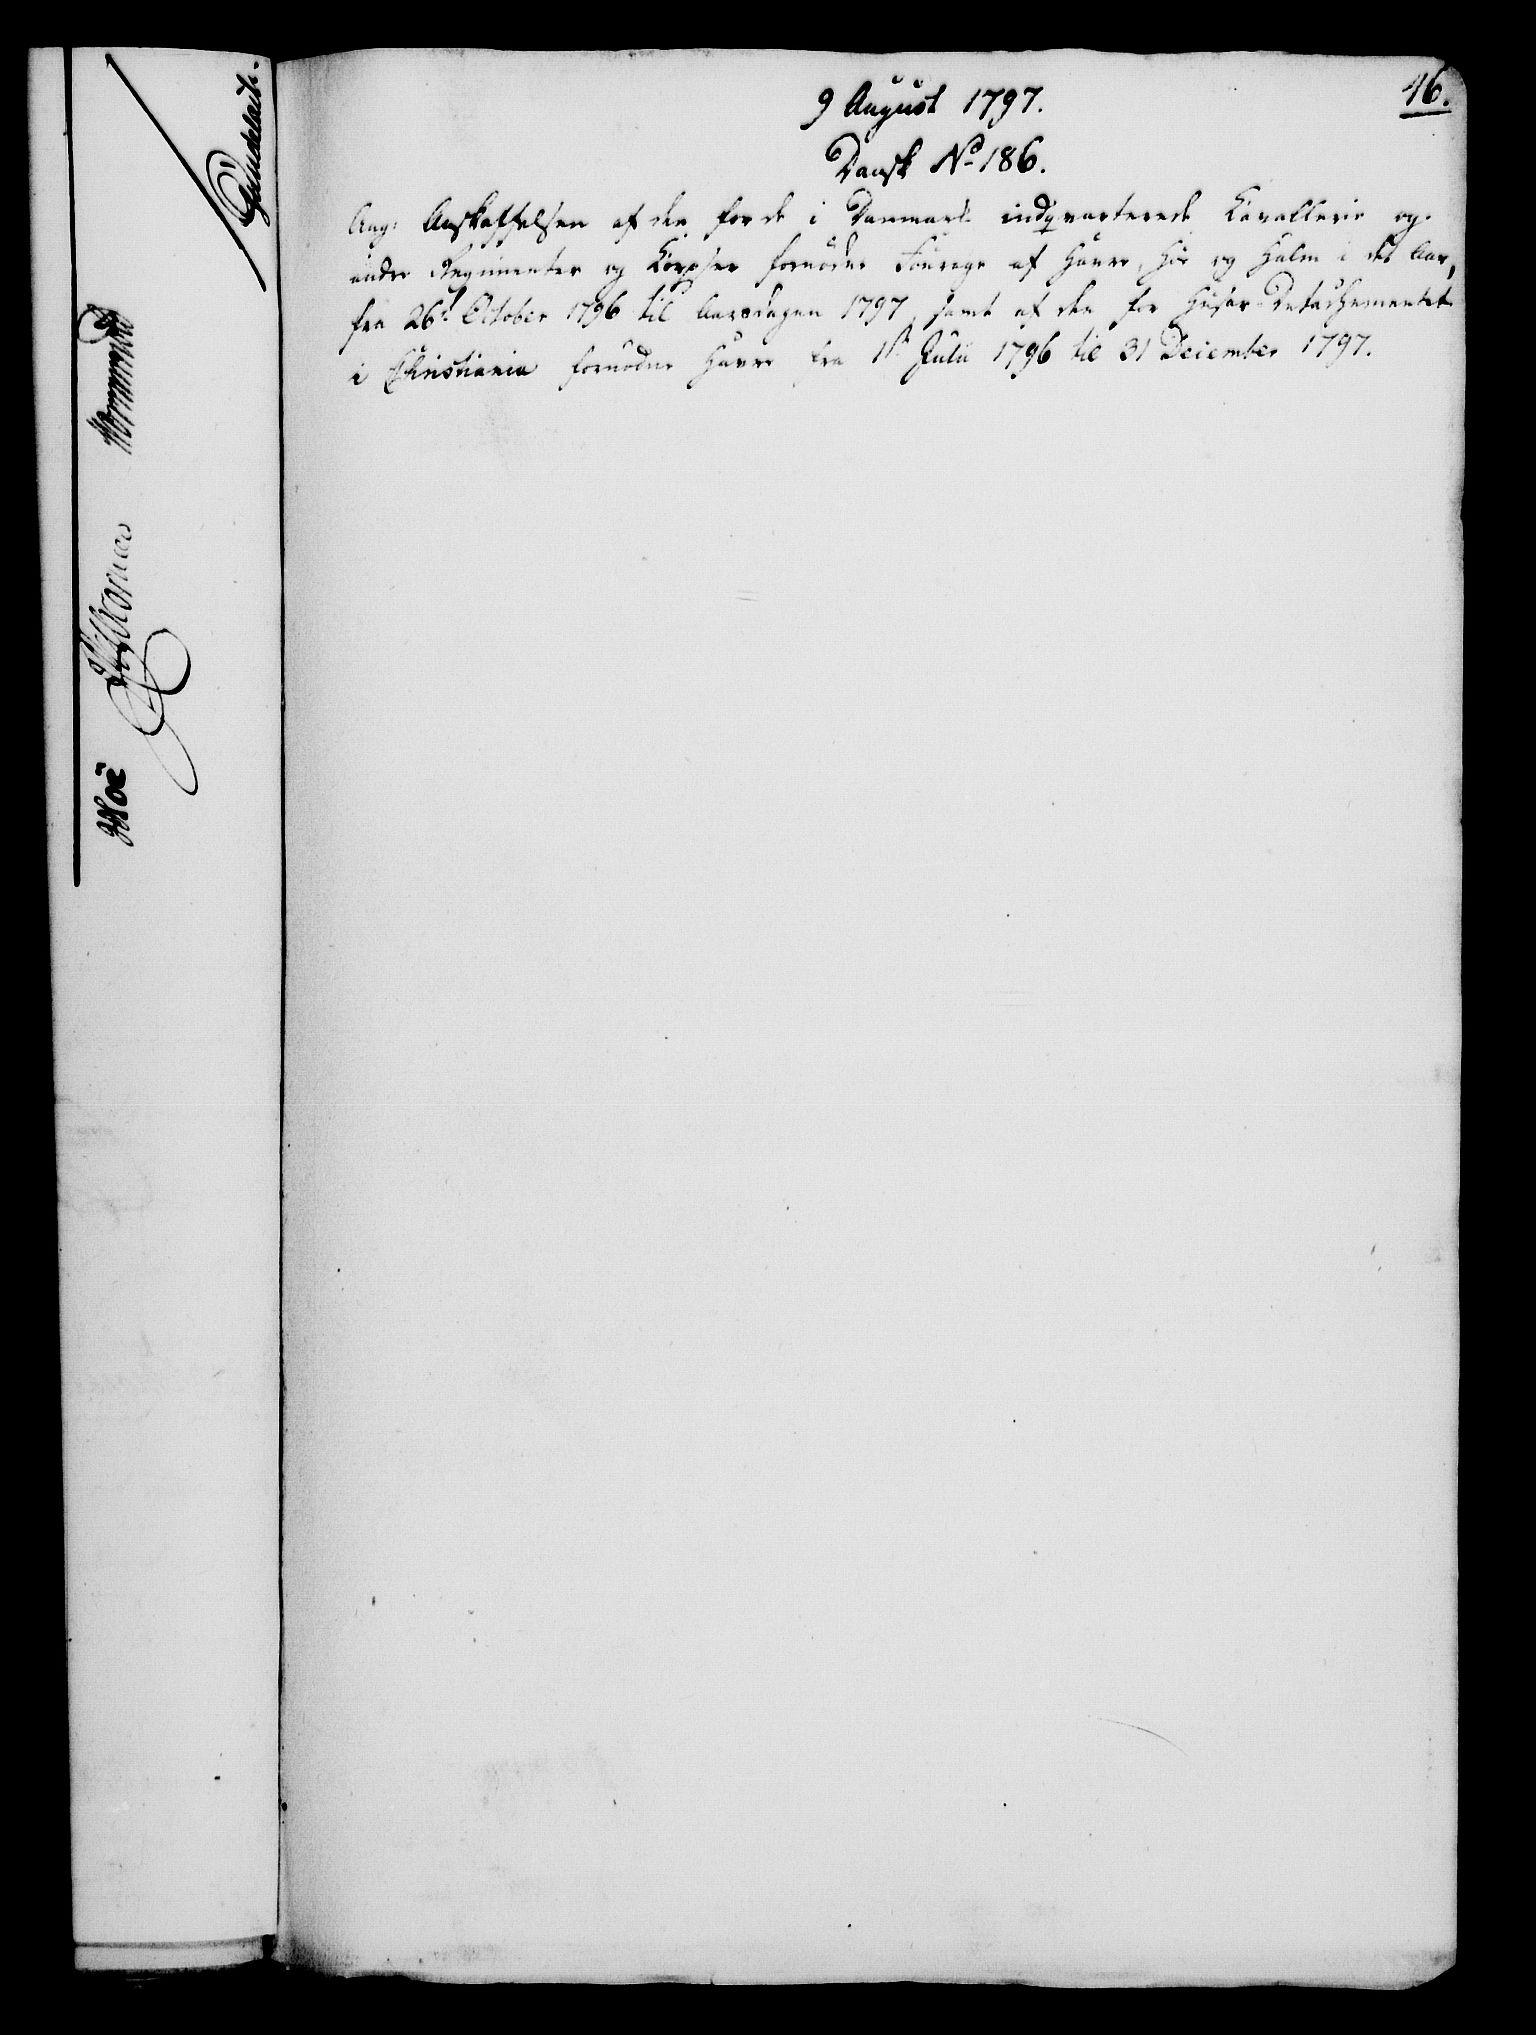 RA, Rentekammeret, Kammerkanselliet, G/Gf/Gfa/L0079: Norsk relasjons- og resolusjonsprotokoll (merket RK 52.79), 1797, s. 249